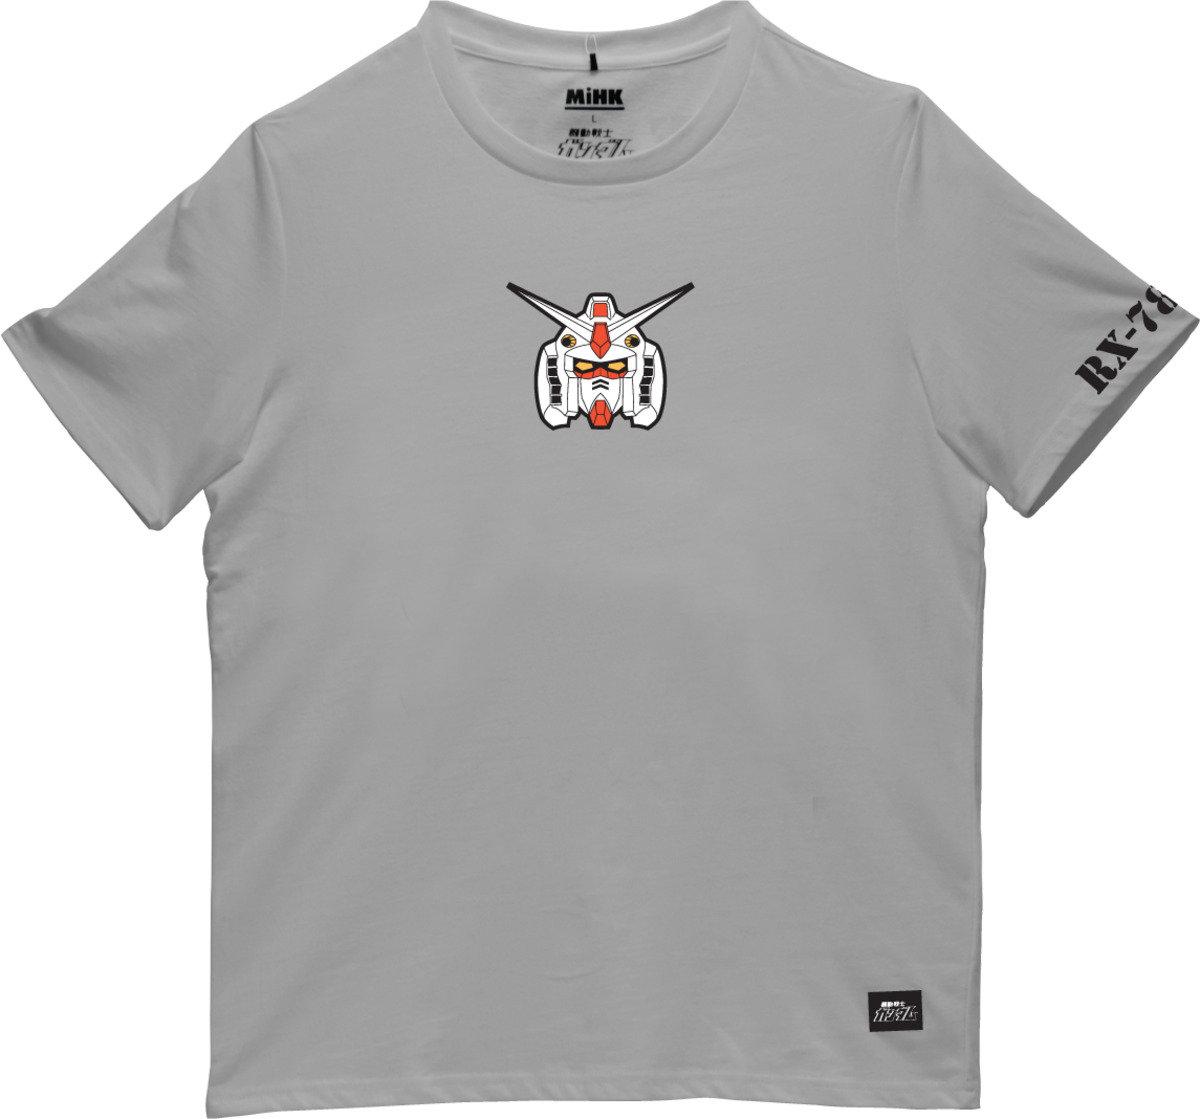 機動戰士(高達)灰色圓領短袖T恤-01